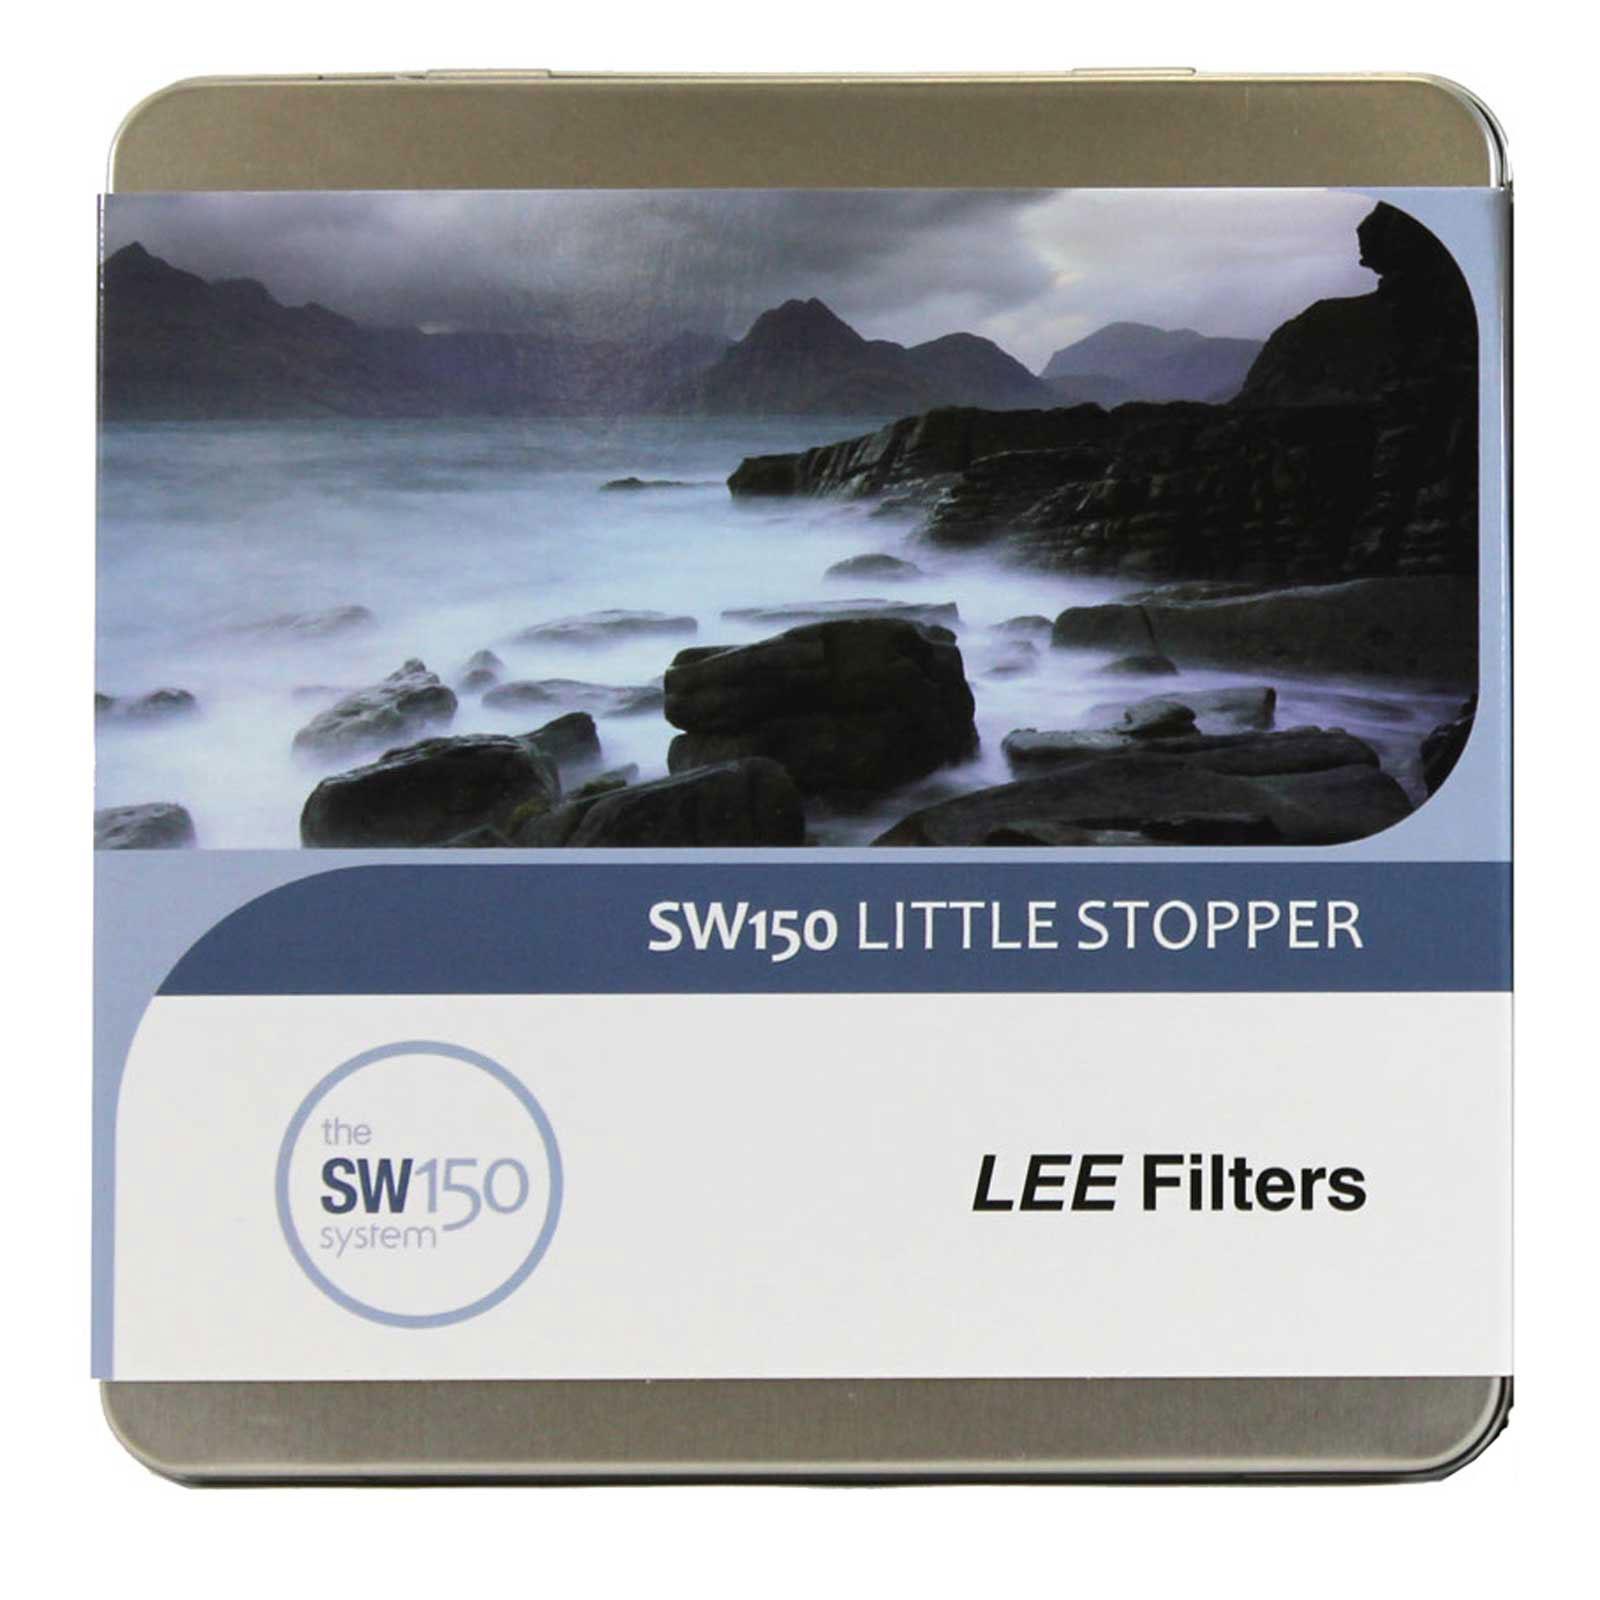 SW150-Little-Stopper-Box